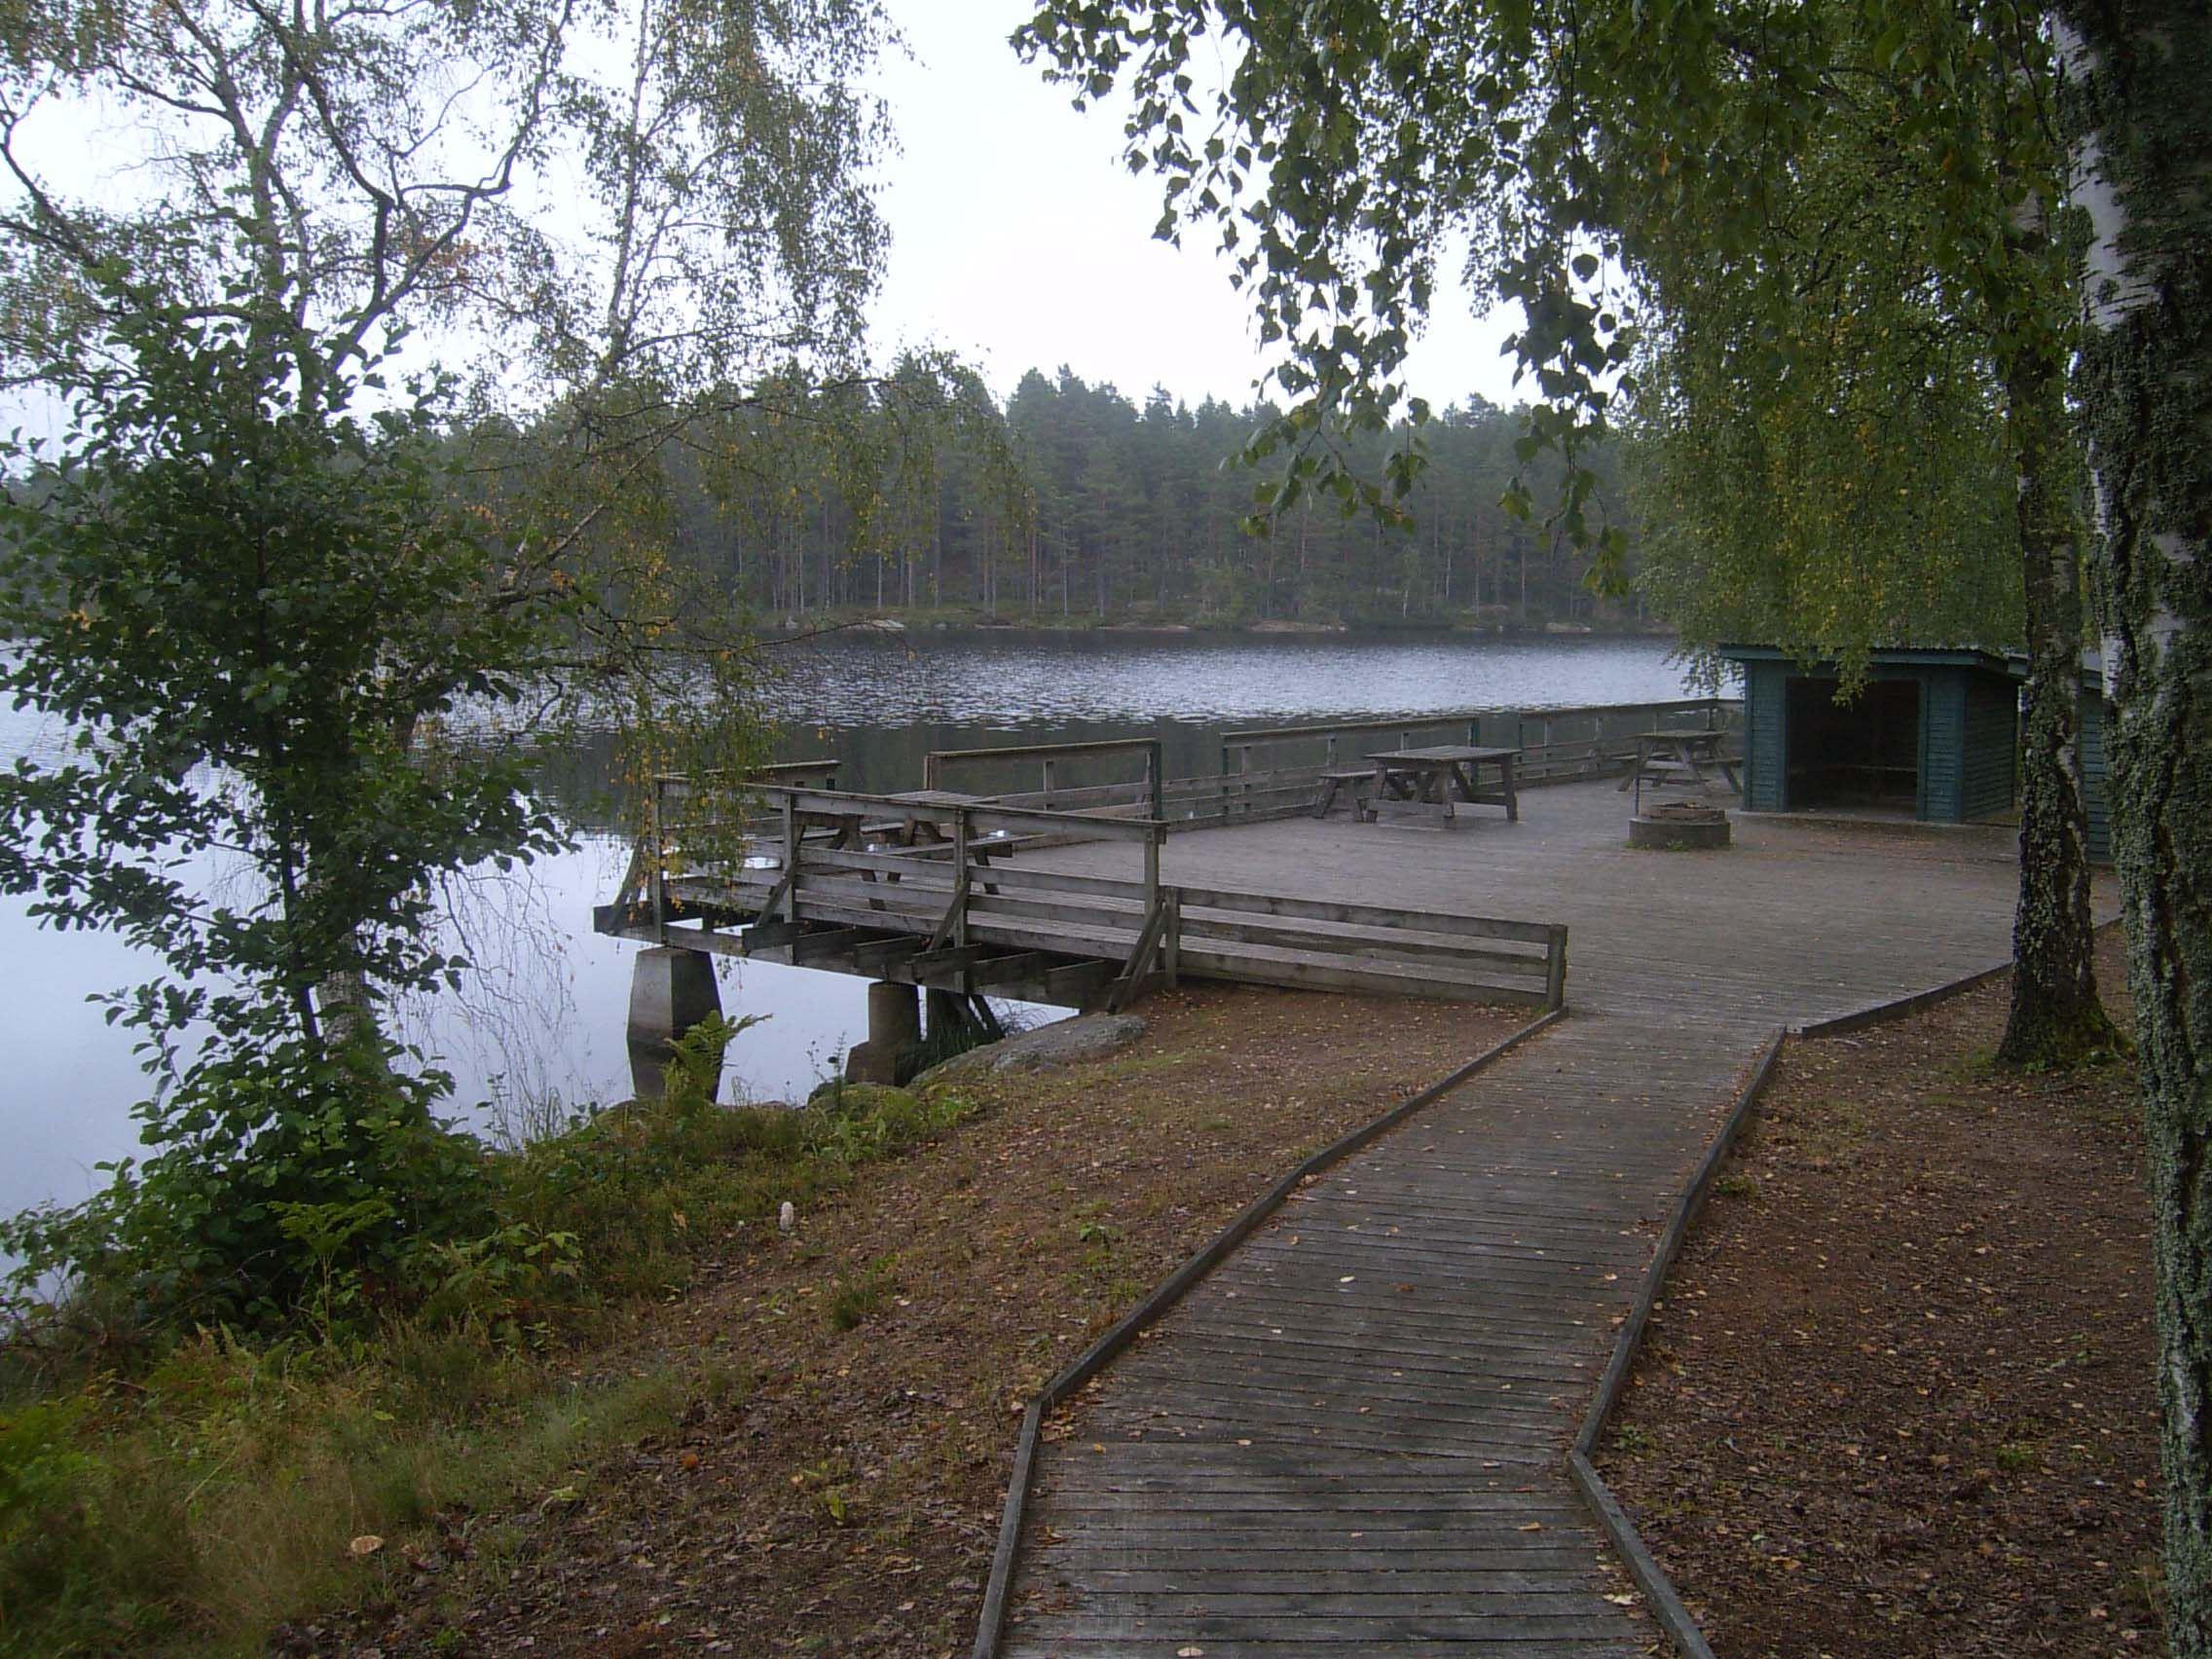 C-J Månsson, Stora Hammarsjön, Stora Hammarsjöområdet